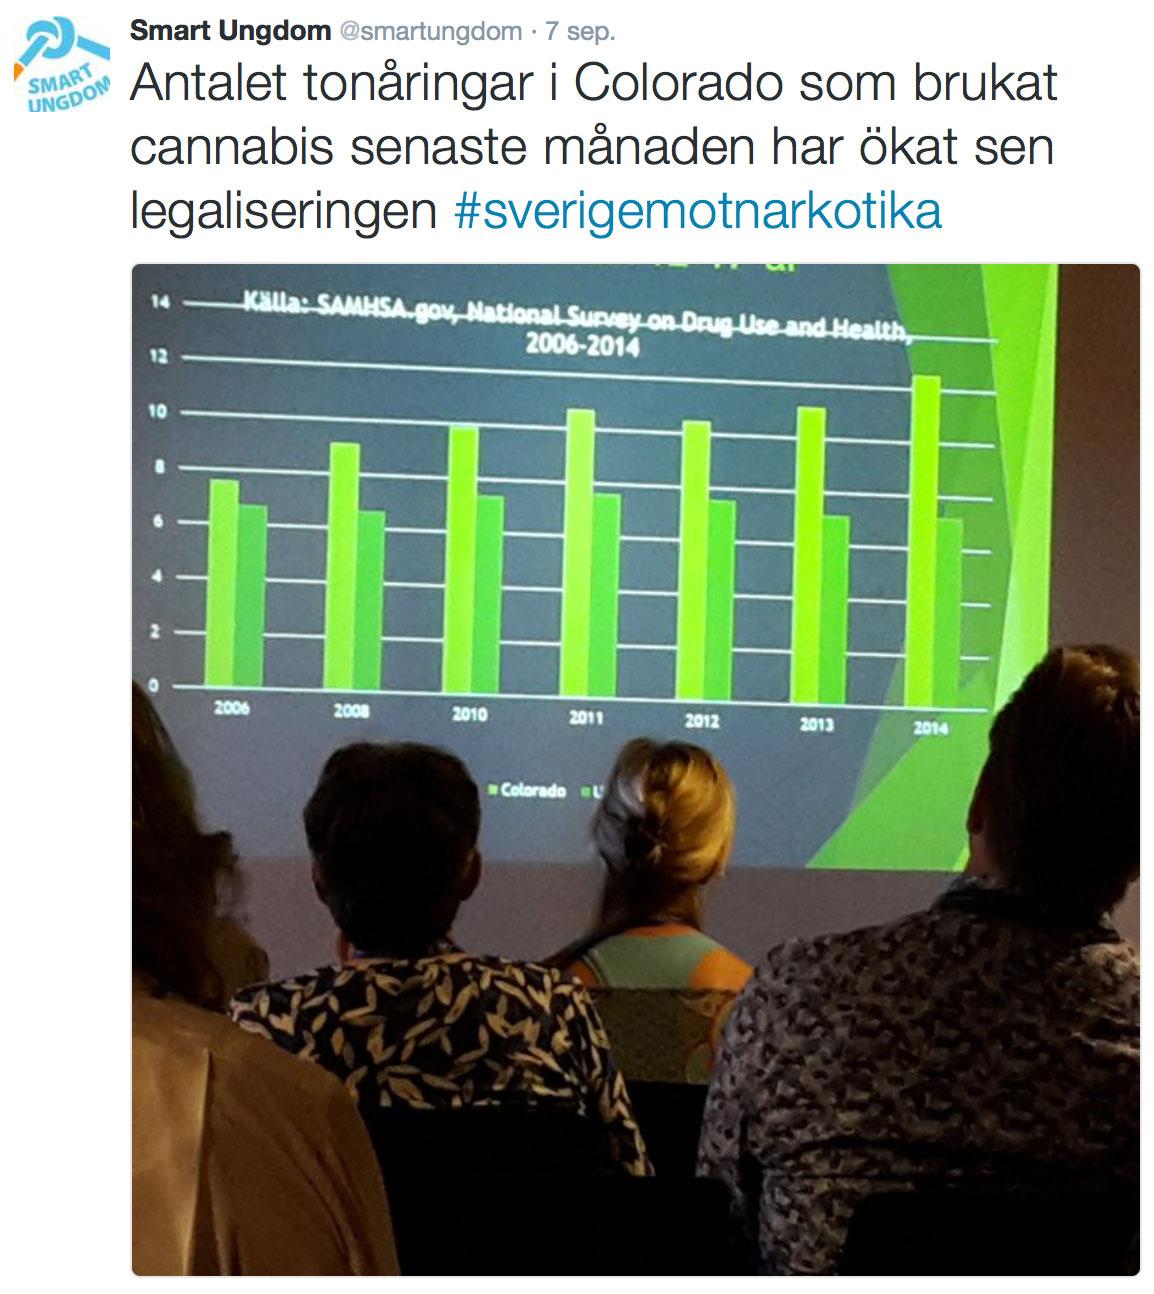 Marijuanalegalisering blir var dod